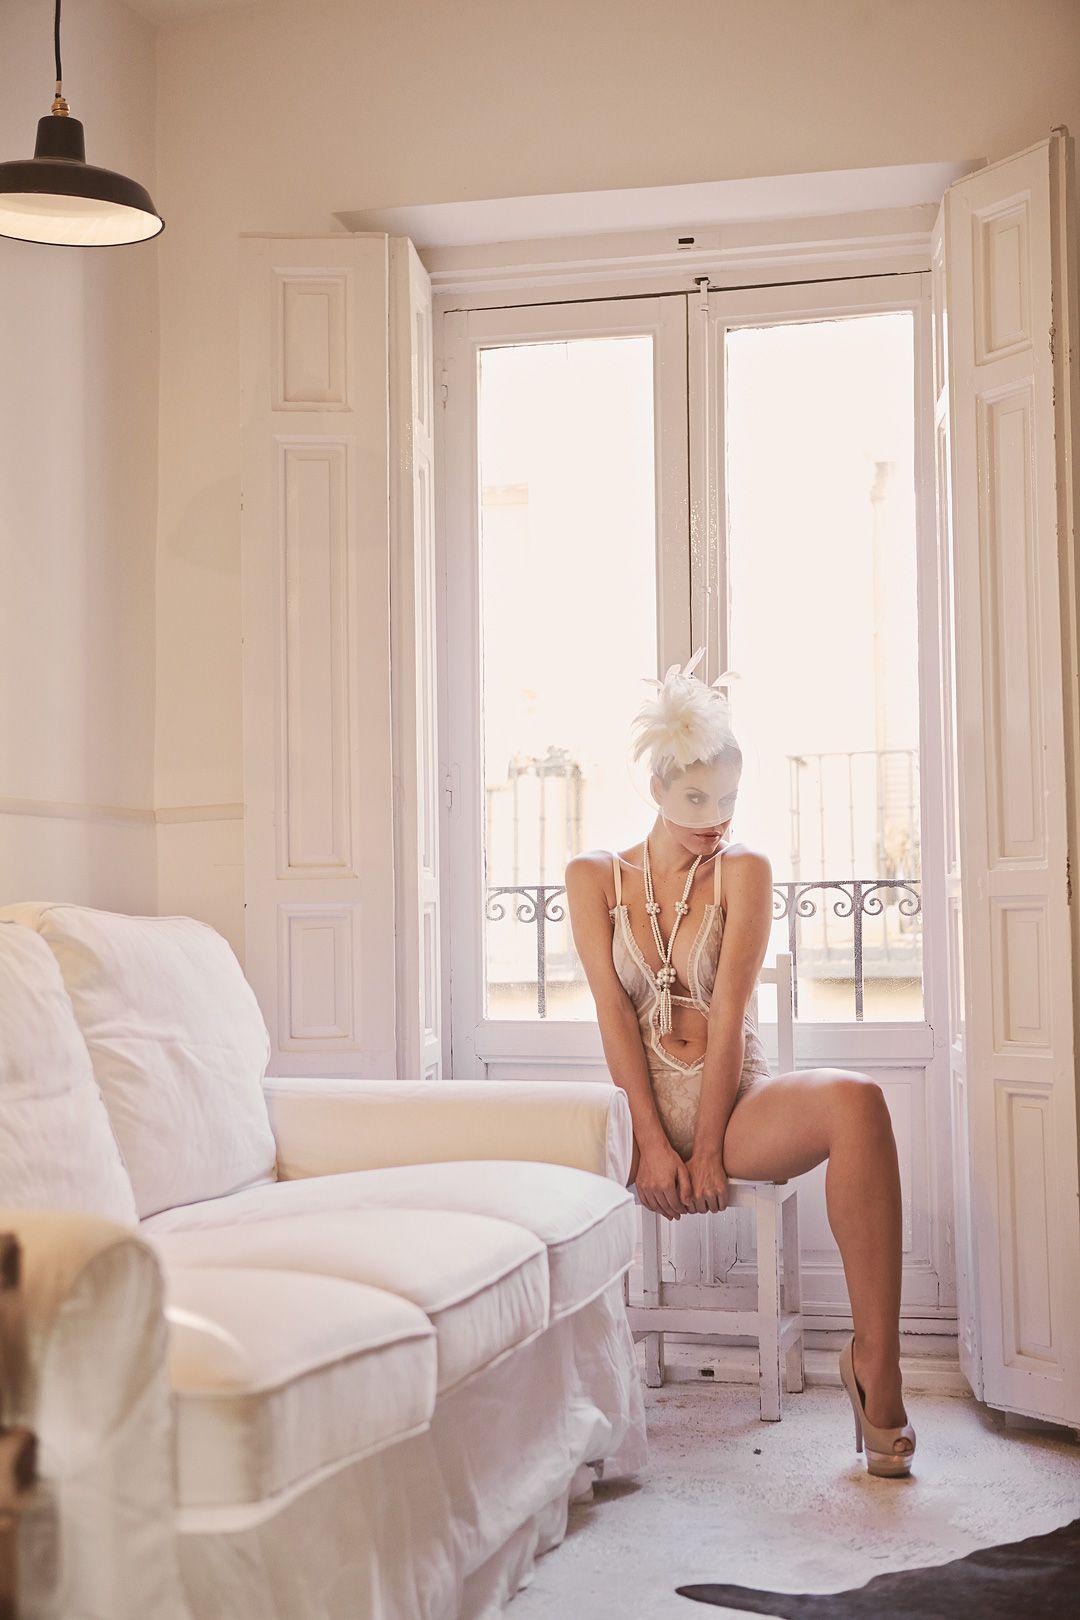 fotos boudoir en domicilio y apartamento de modelo profesional sensual madrid Rocío Z 74 jpg